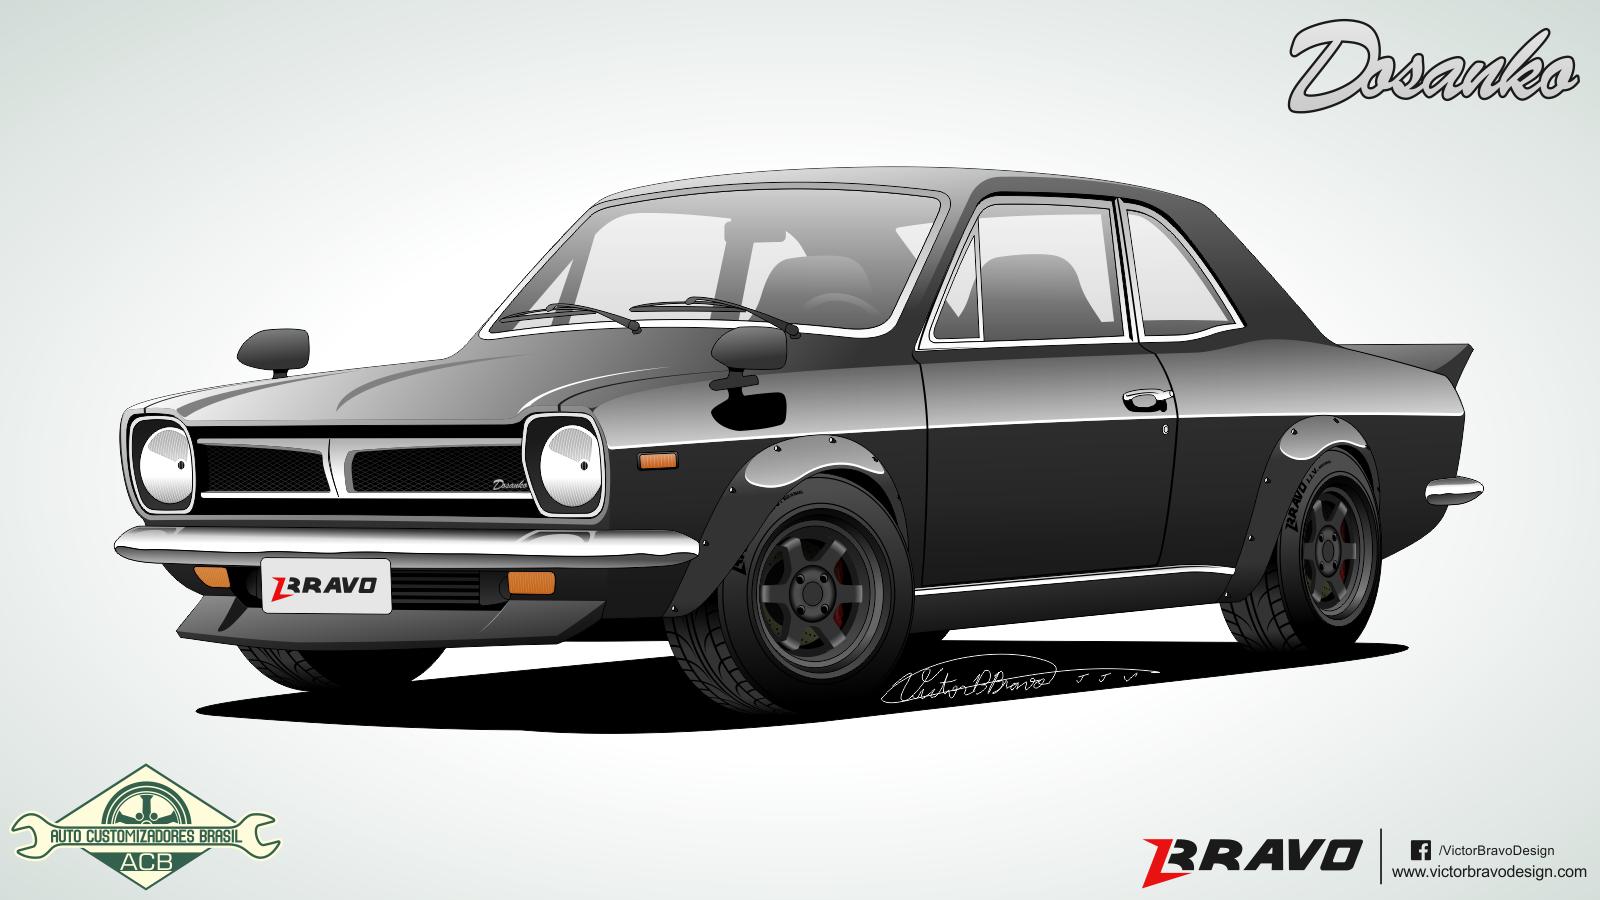 """Imagem mostrando o desenho da frente do Ford Corcel """"Dosanko"""""""